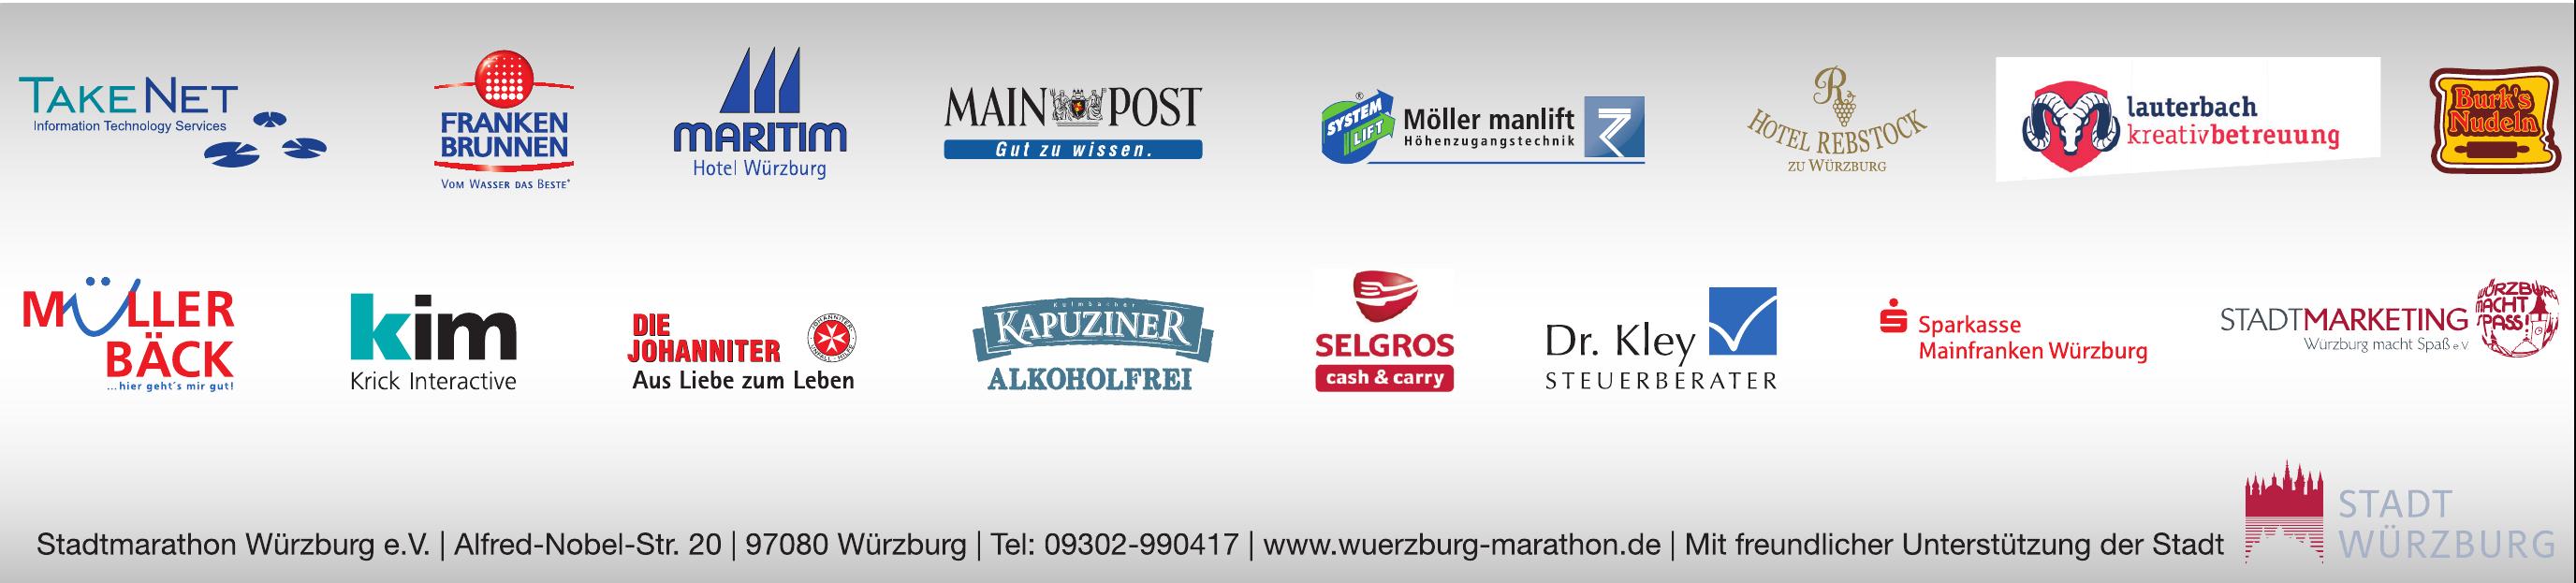 Stadtmarathon Würzburg e.V.